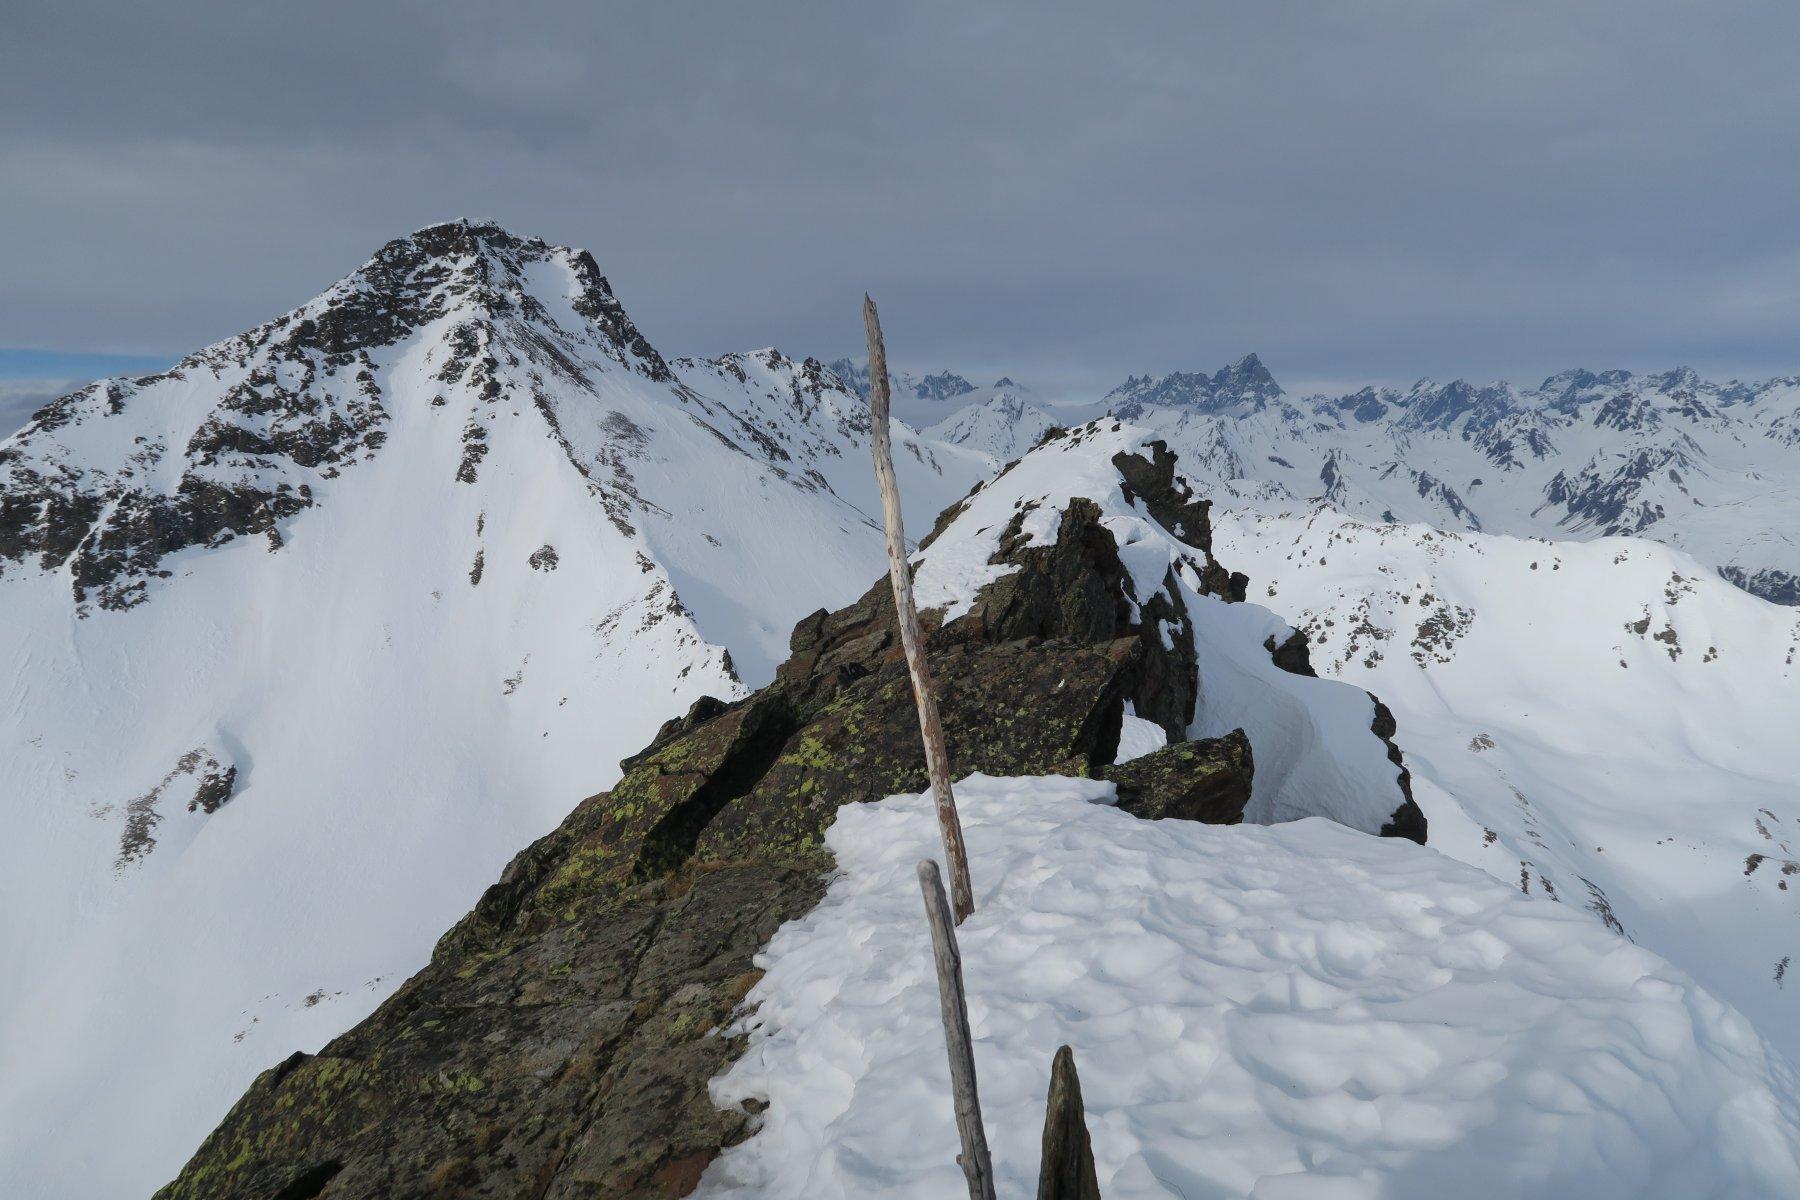 anticima con la cima più alta 100 metri più in là ed il Fallere sulla sinistra